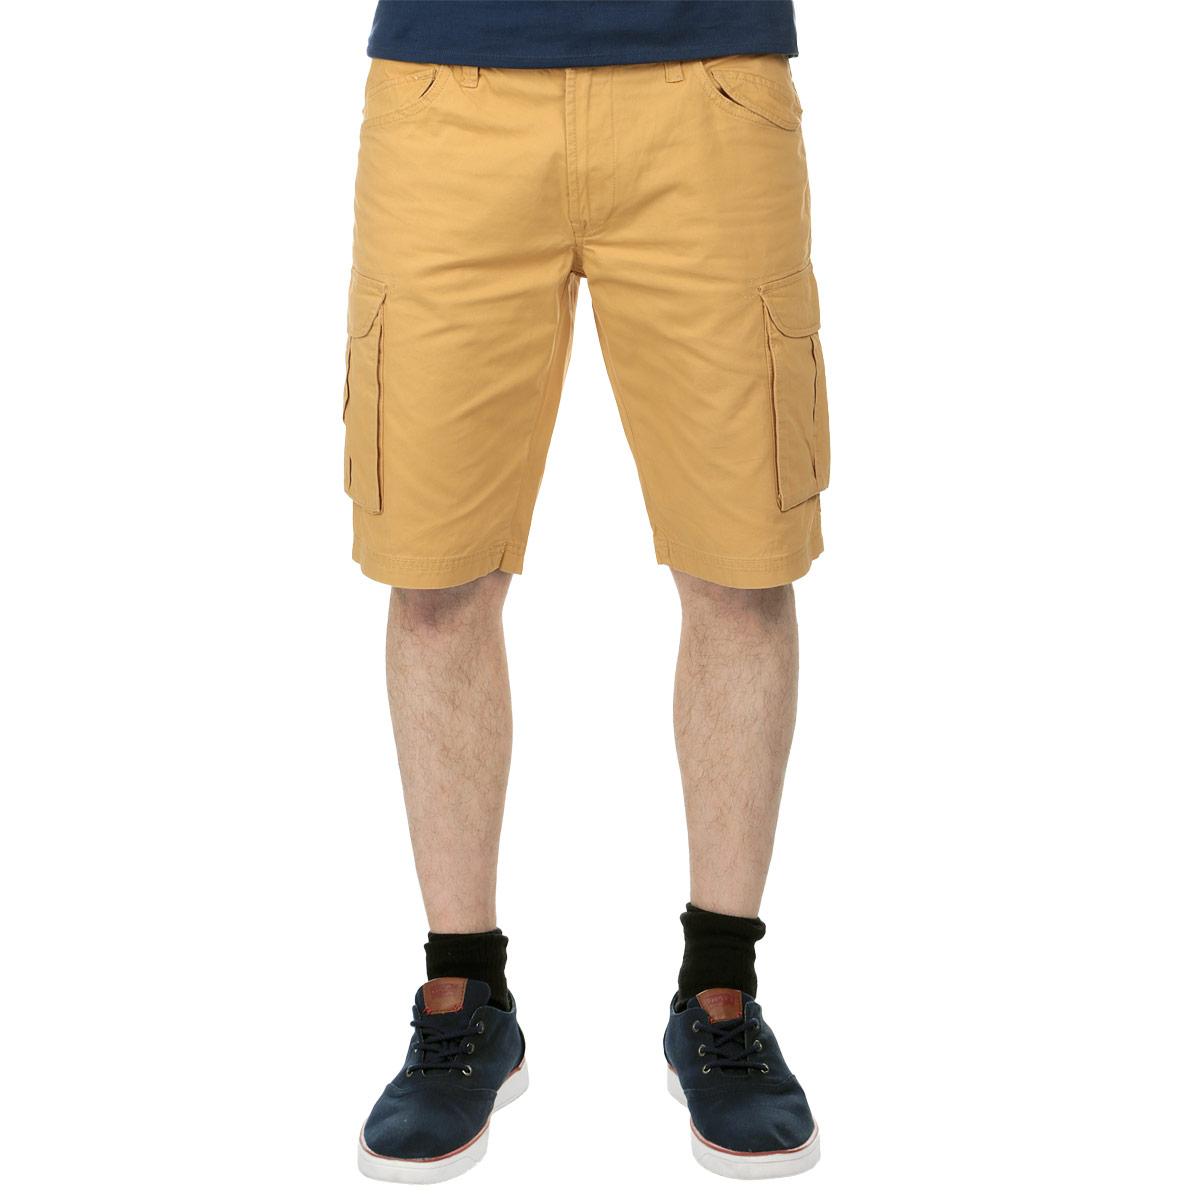 Шорты мужские Top Secret, цвет: оранжевый. SSZ0701PO34. Размер 34 (50)SSZ0701POСтильные шорты Top Secret, изготовленные из натурального хлопка, подойдут любому мужчине, который ценит комфорт и оригинальность. Эта модель станет отличным дополнением к вашему современному образу. Шорты-бермуды на талии застегиваются на пластиковую пуговицу, также имеются ширинка на застежке-молнии и шлевки для ремня. Модель спереди дополнена двумя втачными карманами с декоративными клапанами, а сзади - двумя прорезными карманами с клапанами. Также по бокам предусмотрены вместительные накладные карманы с клапанами.Эти модные и удобные шорты послужат отличным дополнением к вашему гардеробу. В них вы всегда будете чувствовать себя уверенно и комфортно.